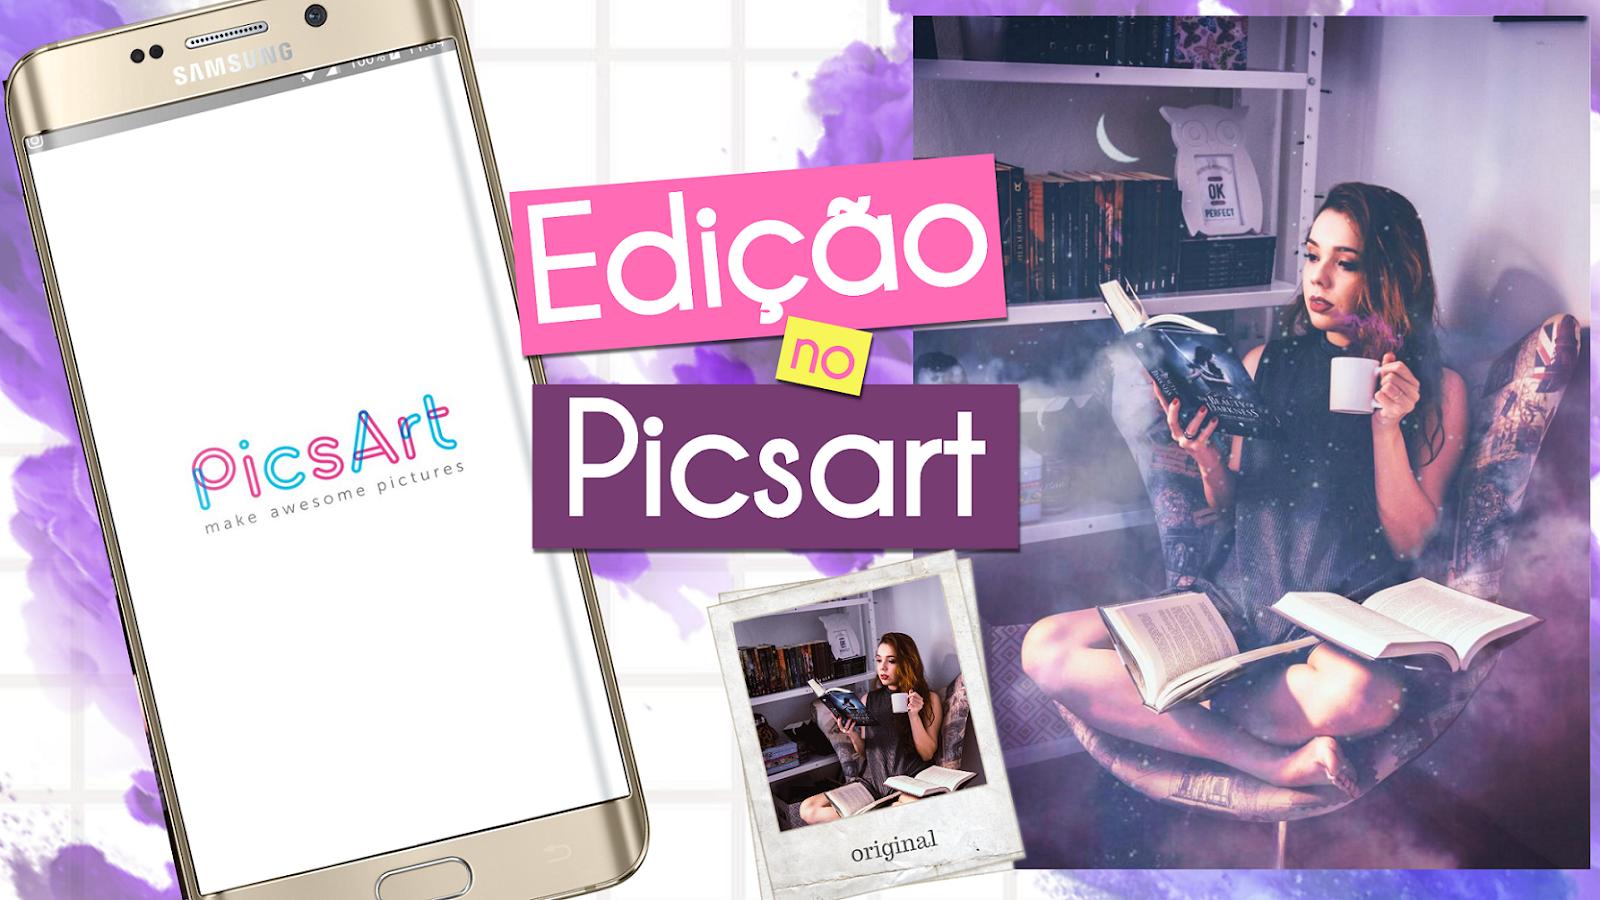 Como editar foto no app PicsArt - Edição Galaxy fácil e rápido